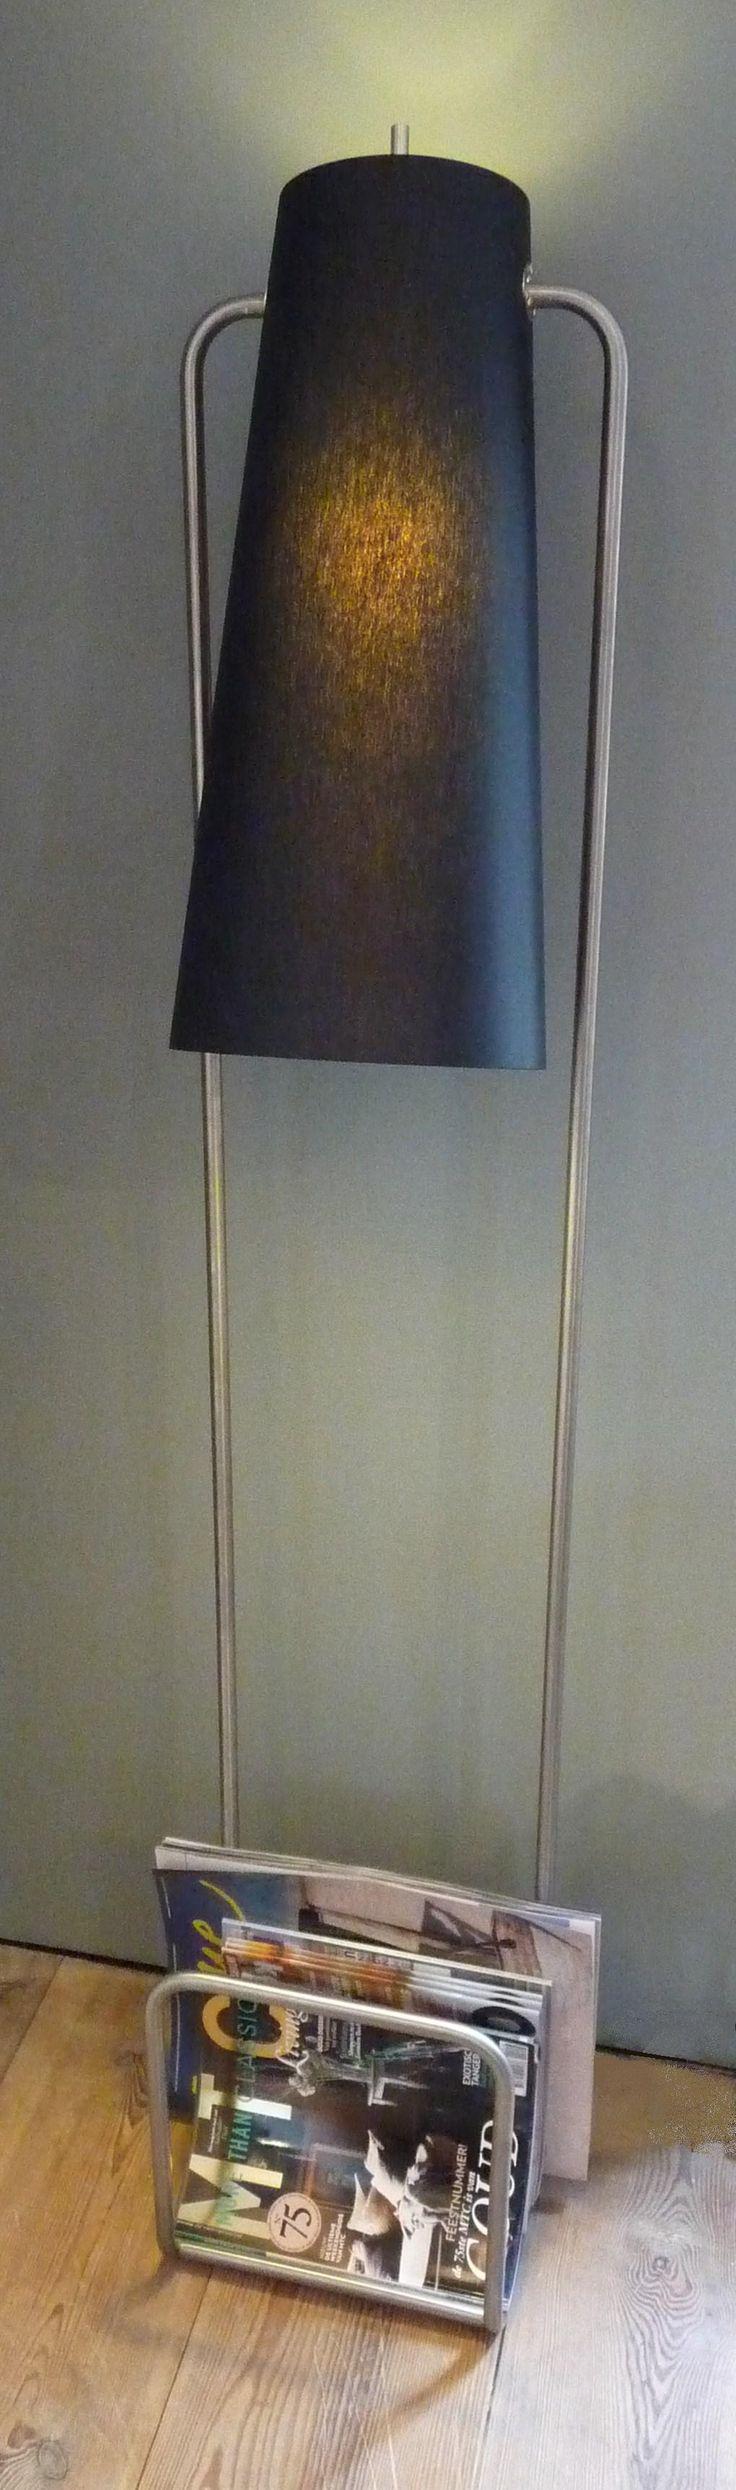 Diamond Dimple Closed Rocking Chair In 9 Kleuren - Staande lamp in retro stijl door het verlengde buisframe ontstaat een opbergmogelijkheid voor kranten en